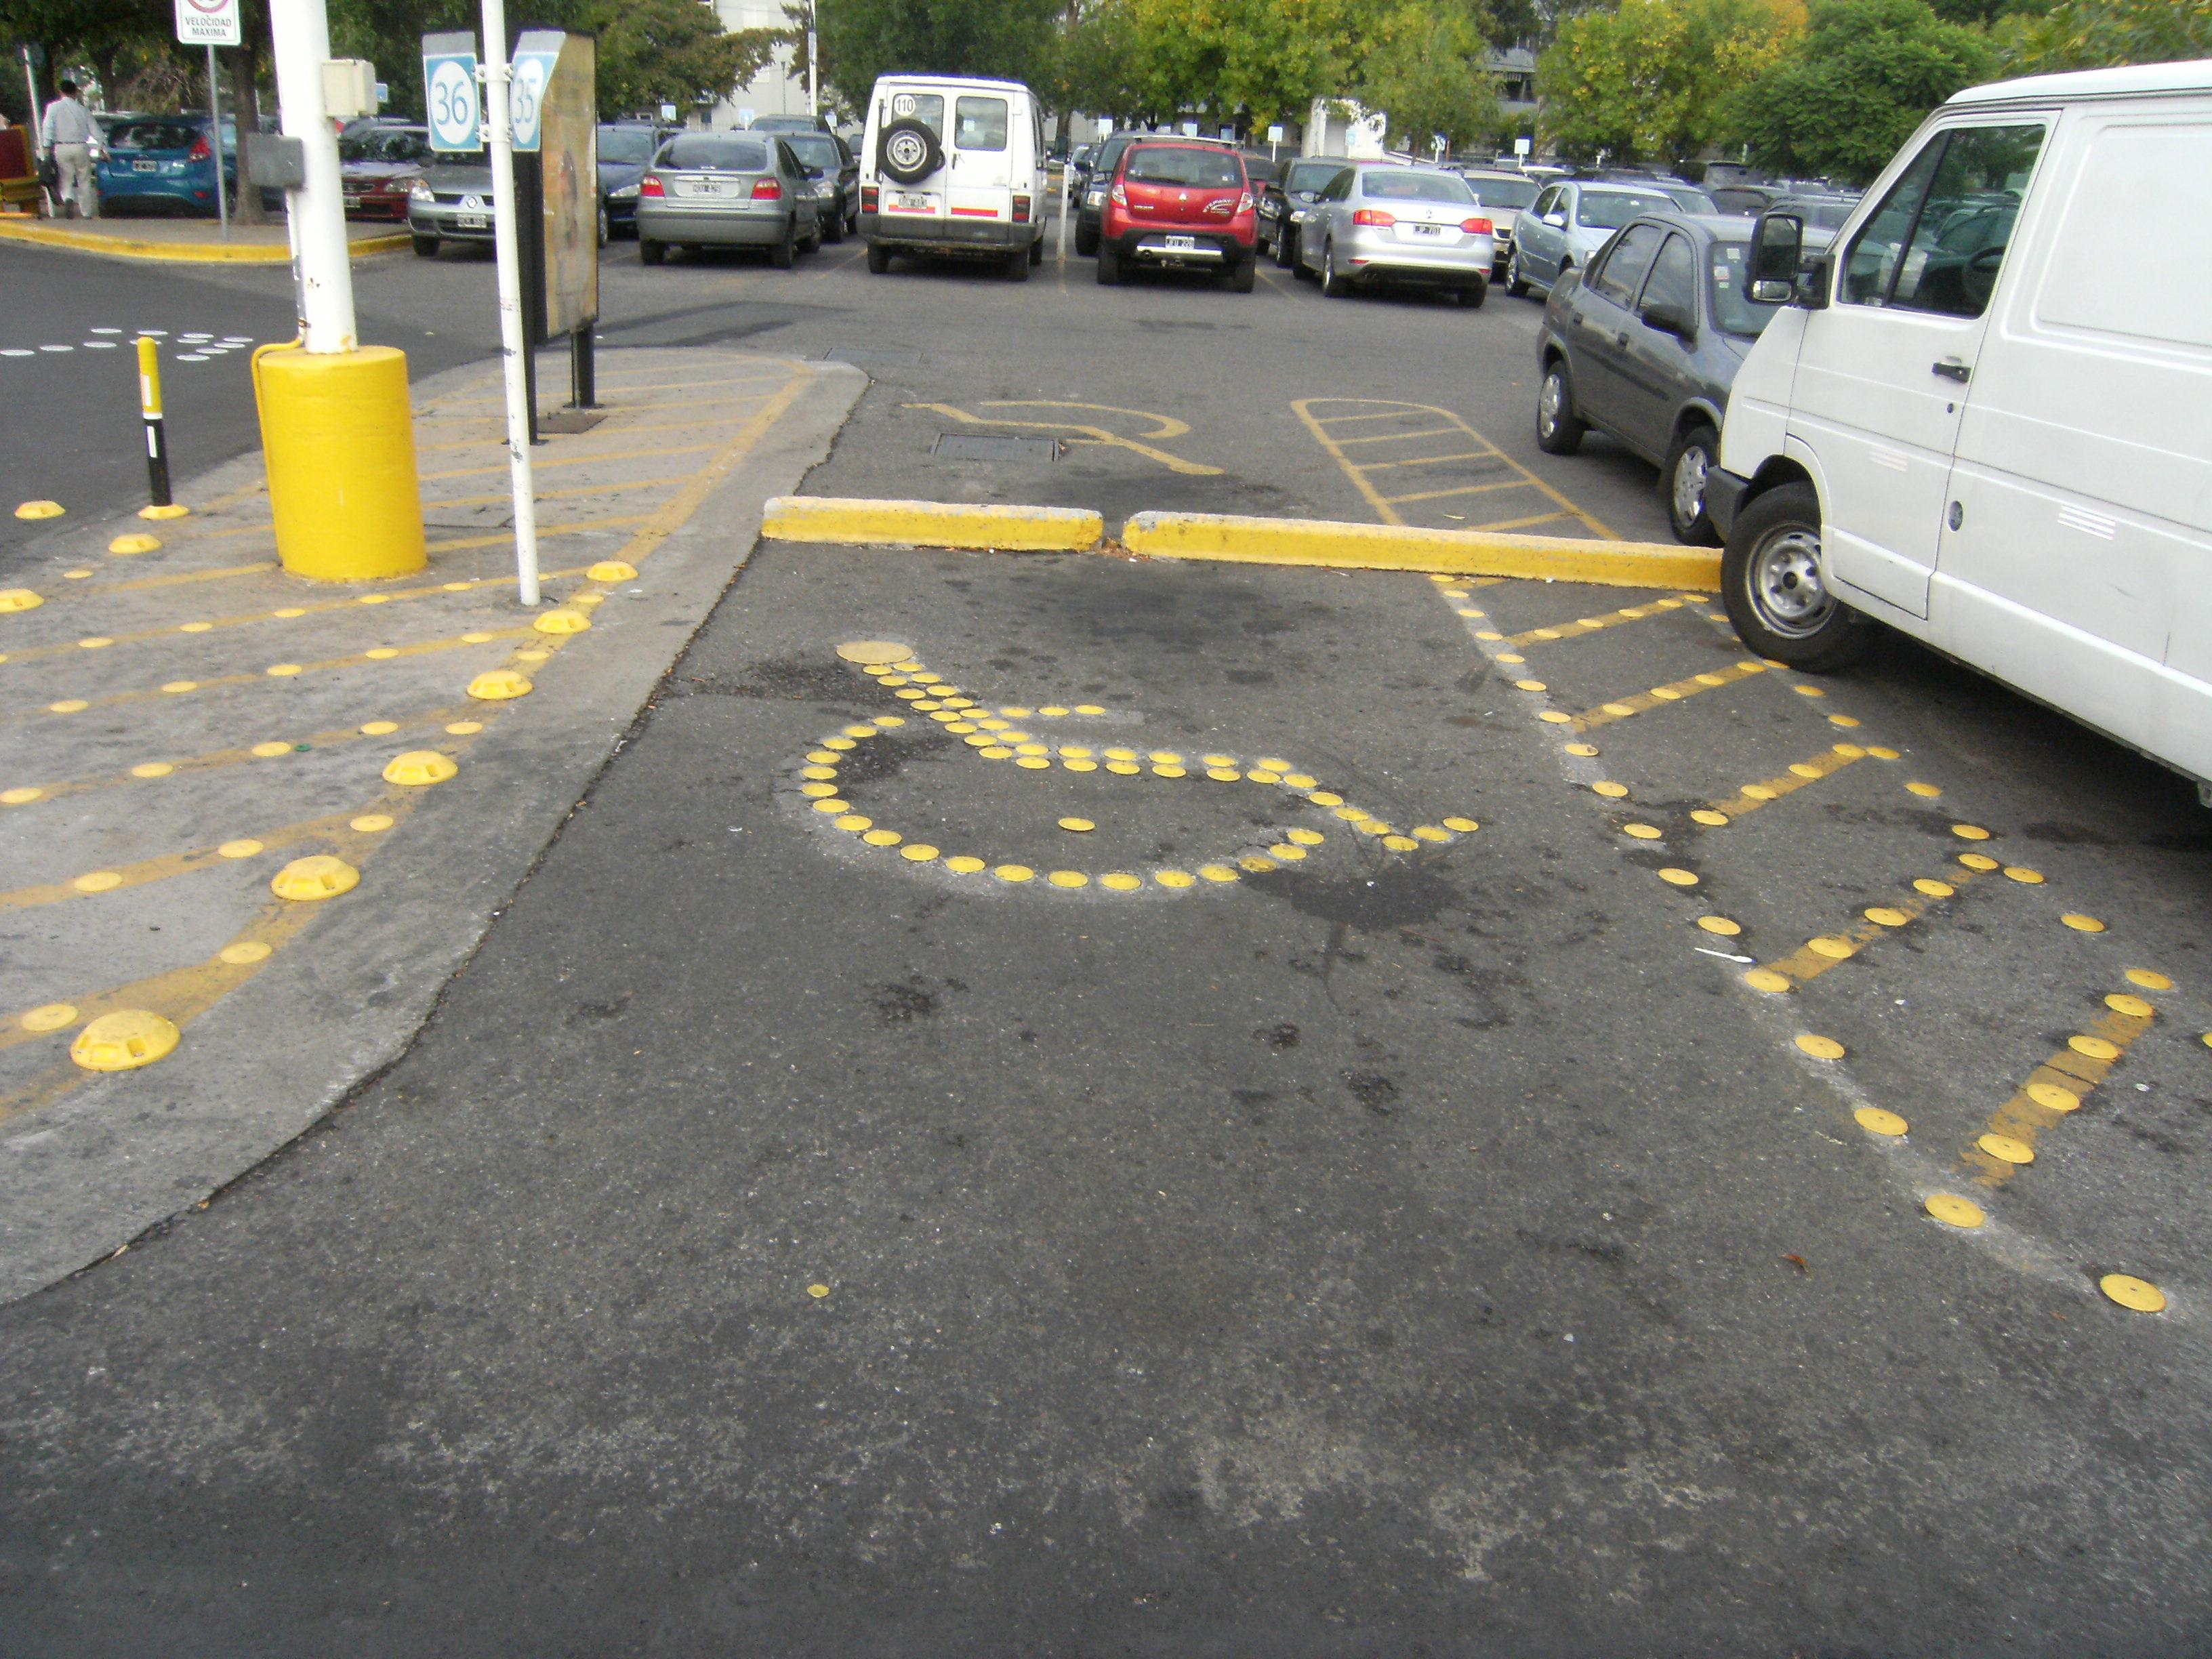 demarcacion de simbolo de discapacitado para estacionamiento